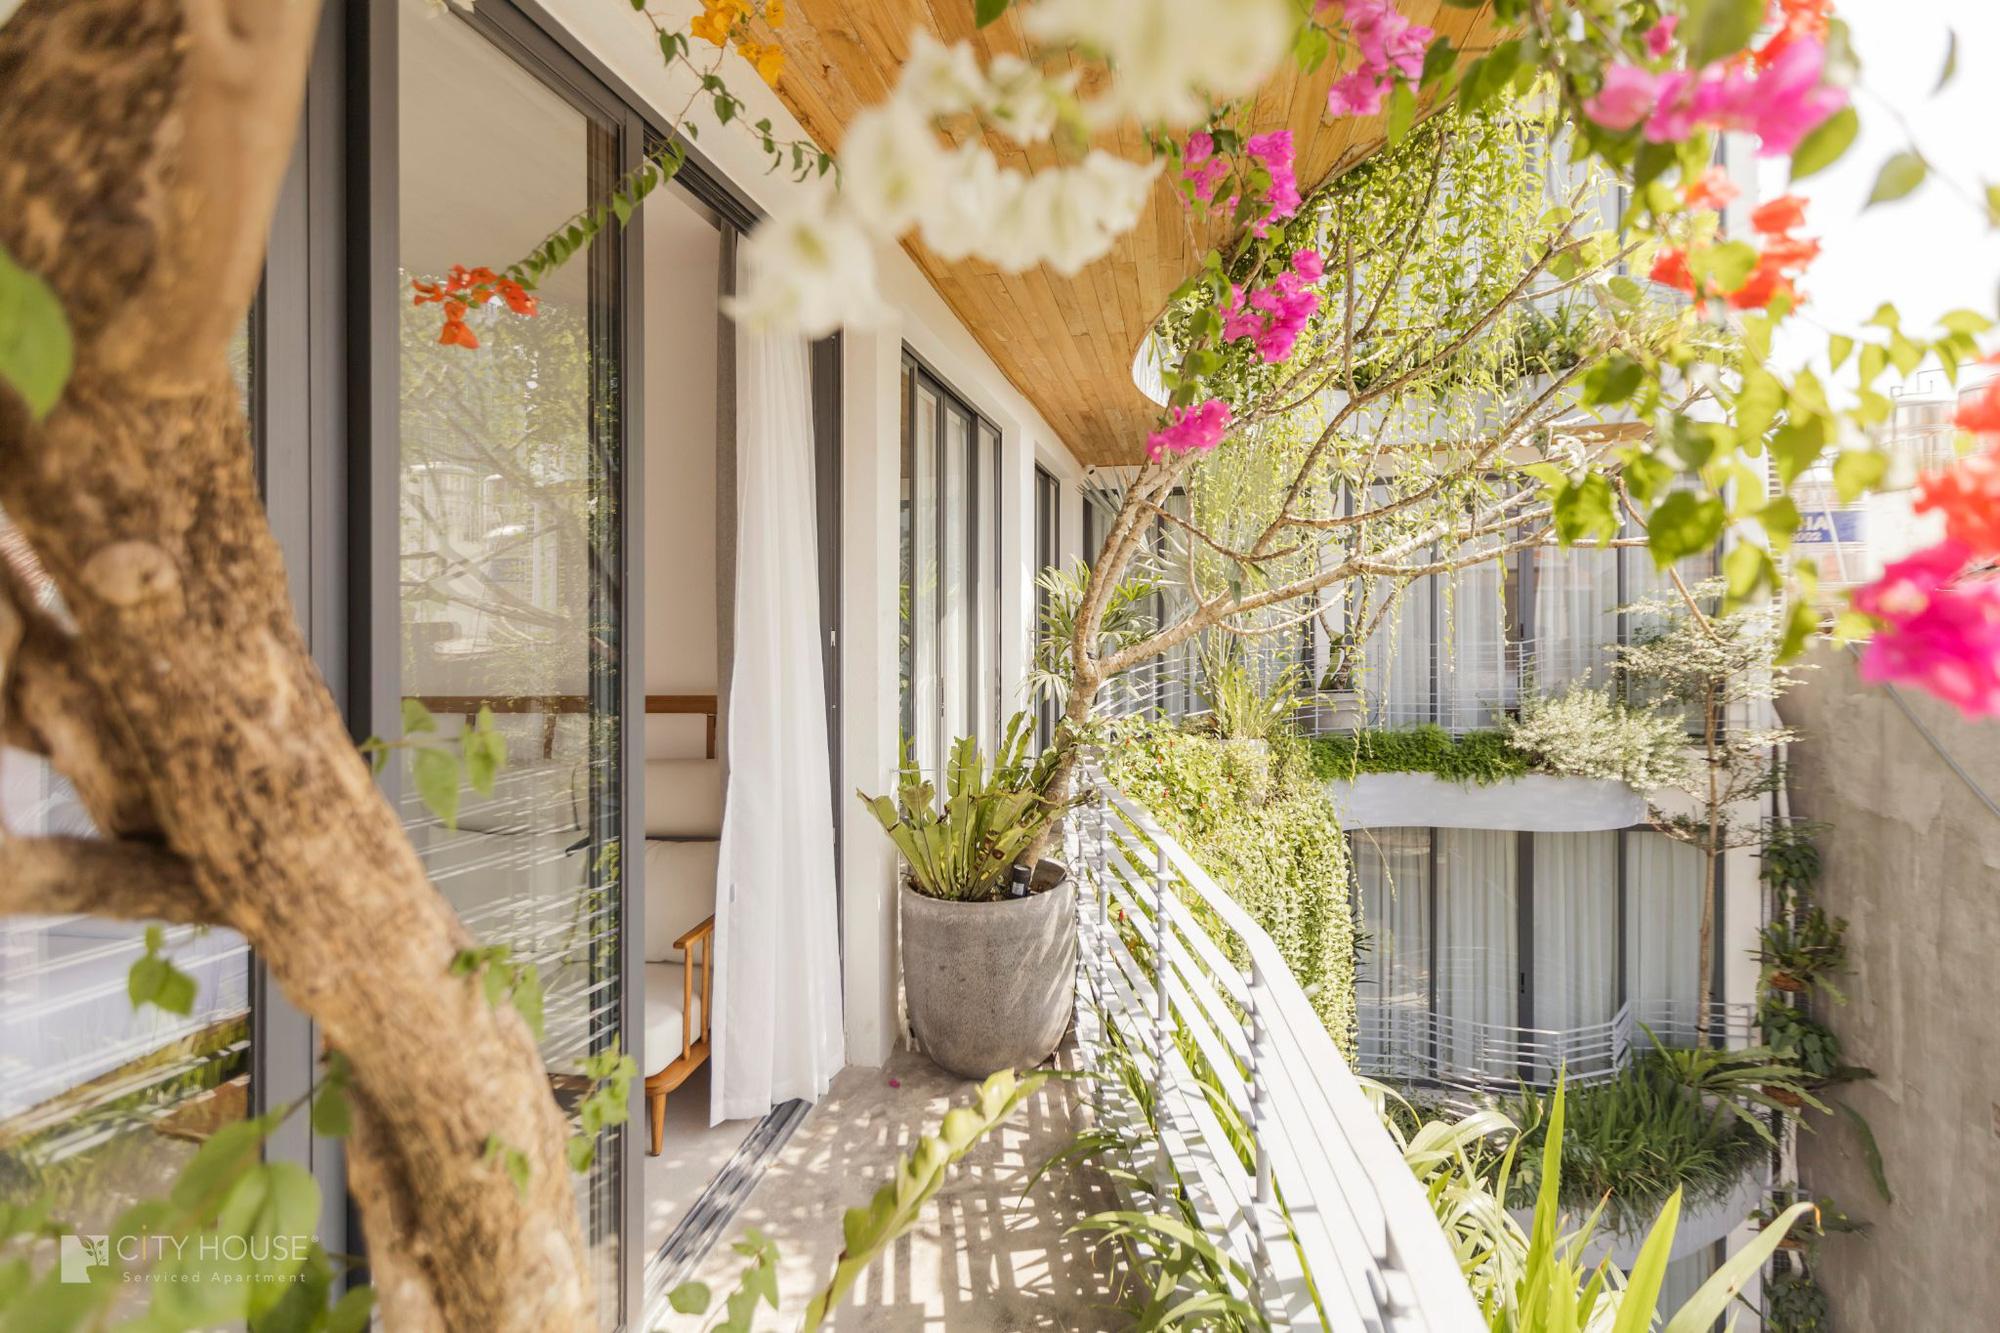 """Xuất hiện khách sạn ngay trung tâm Sài Gòn mà cứ ngỡ là resort nào đó ngoài biển, nhiều góc """"chill"""" xỉu lại chuẩn """"tropical vibe"""" - Ảnh 1."""